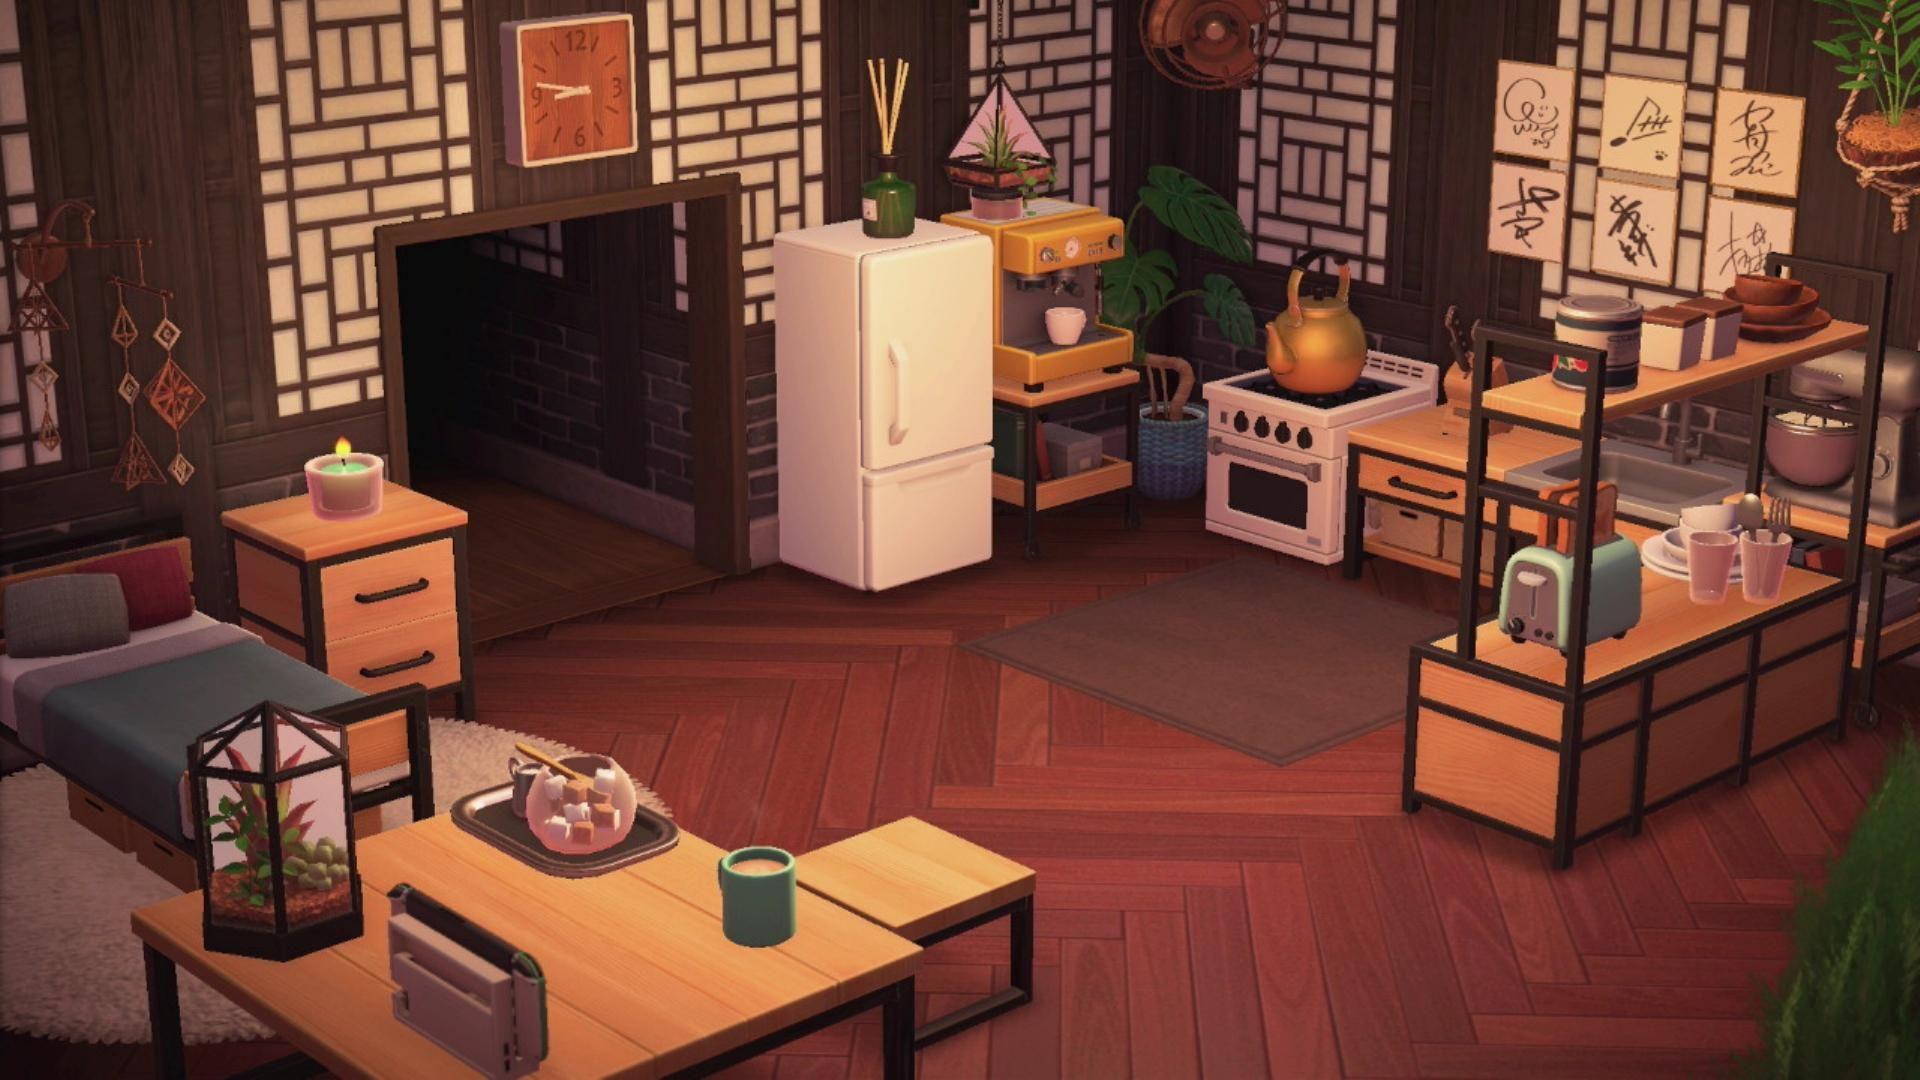 Pin By Kara Morris On Inspiration Animal Crossing New Animal Crossing Animal Crossing Characters